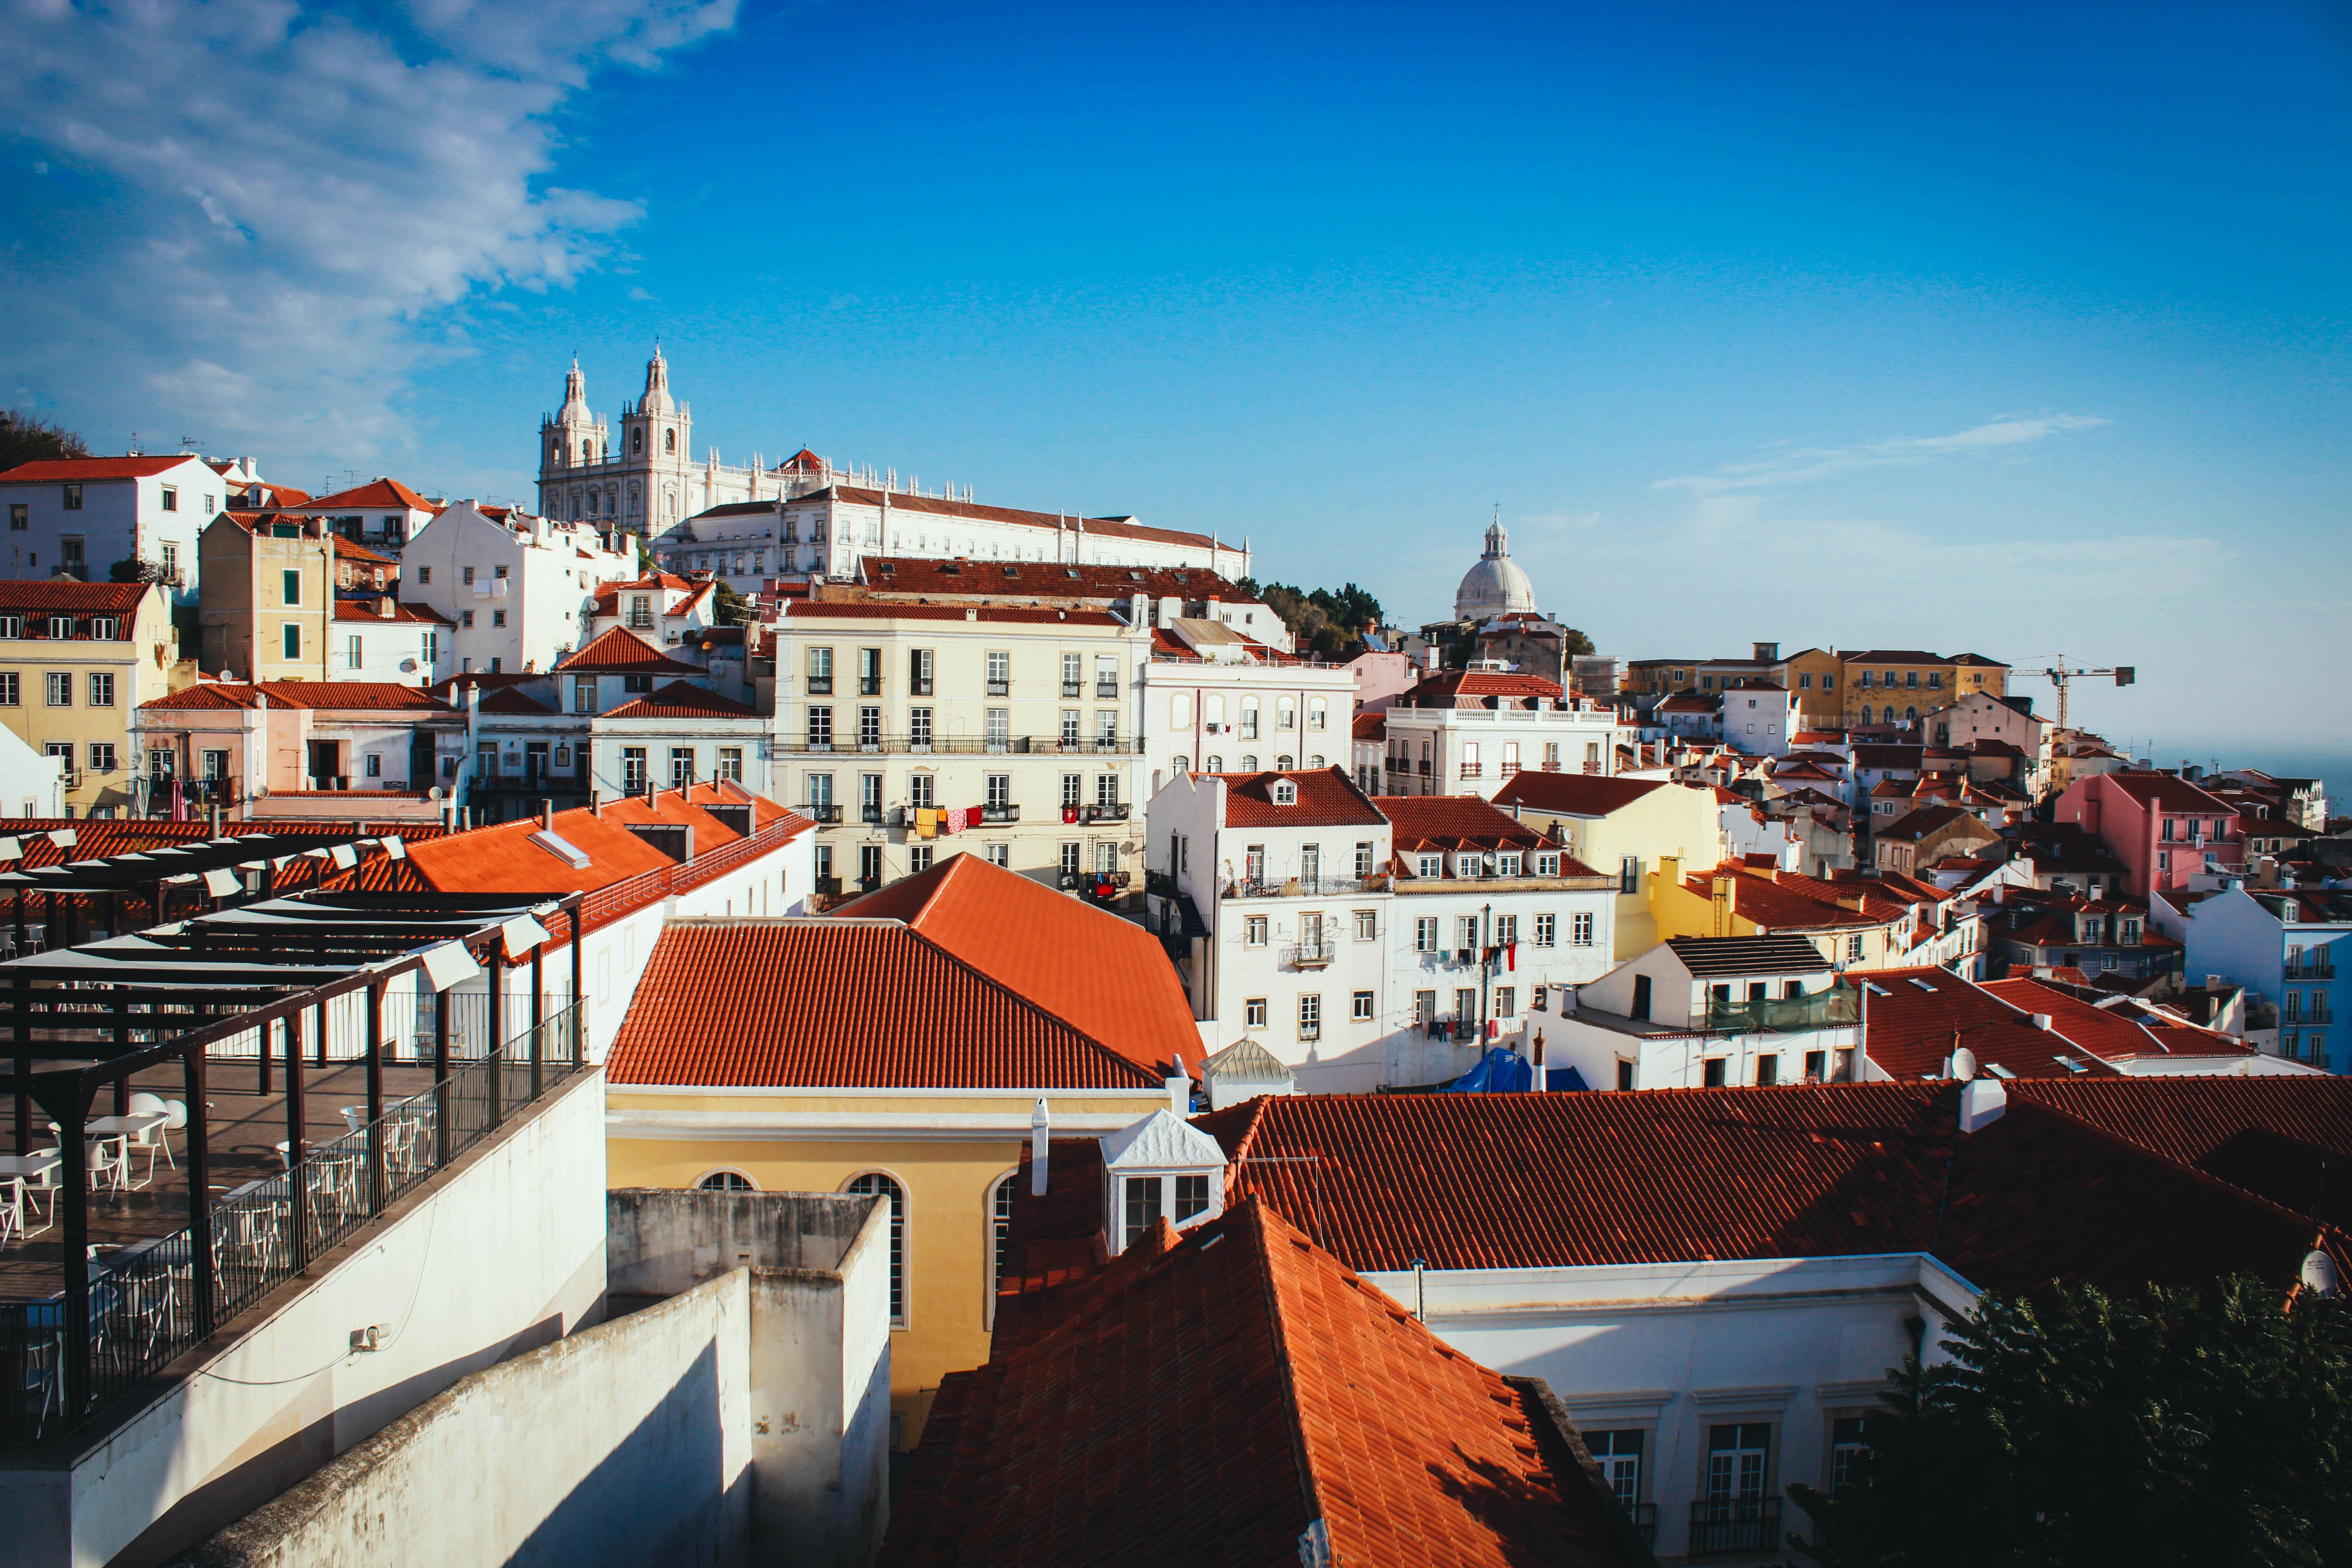 Лиссабон. Гуляя по старинным улочкам Альфамы